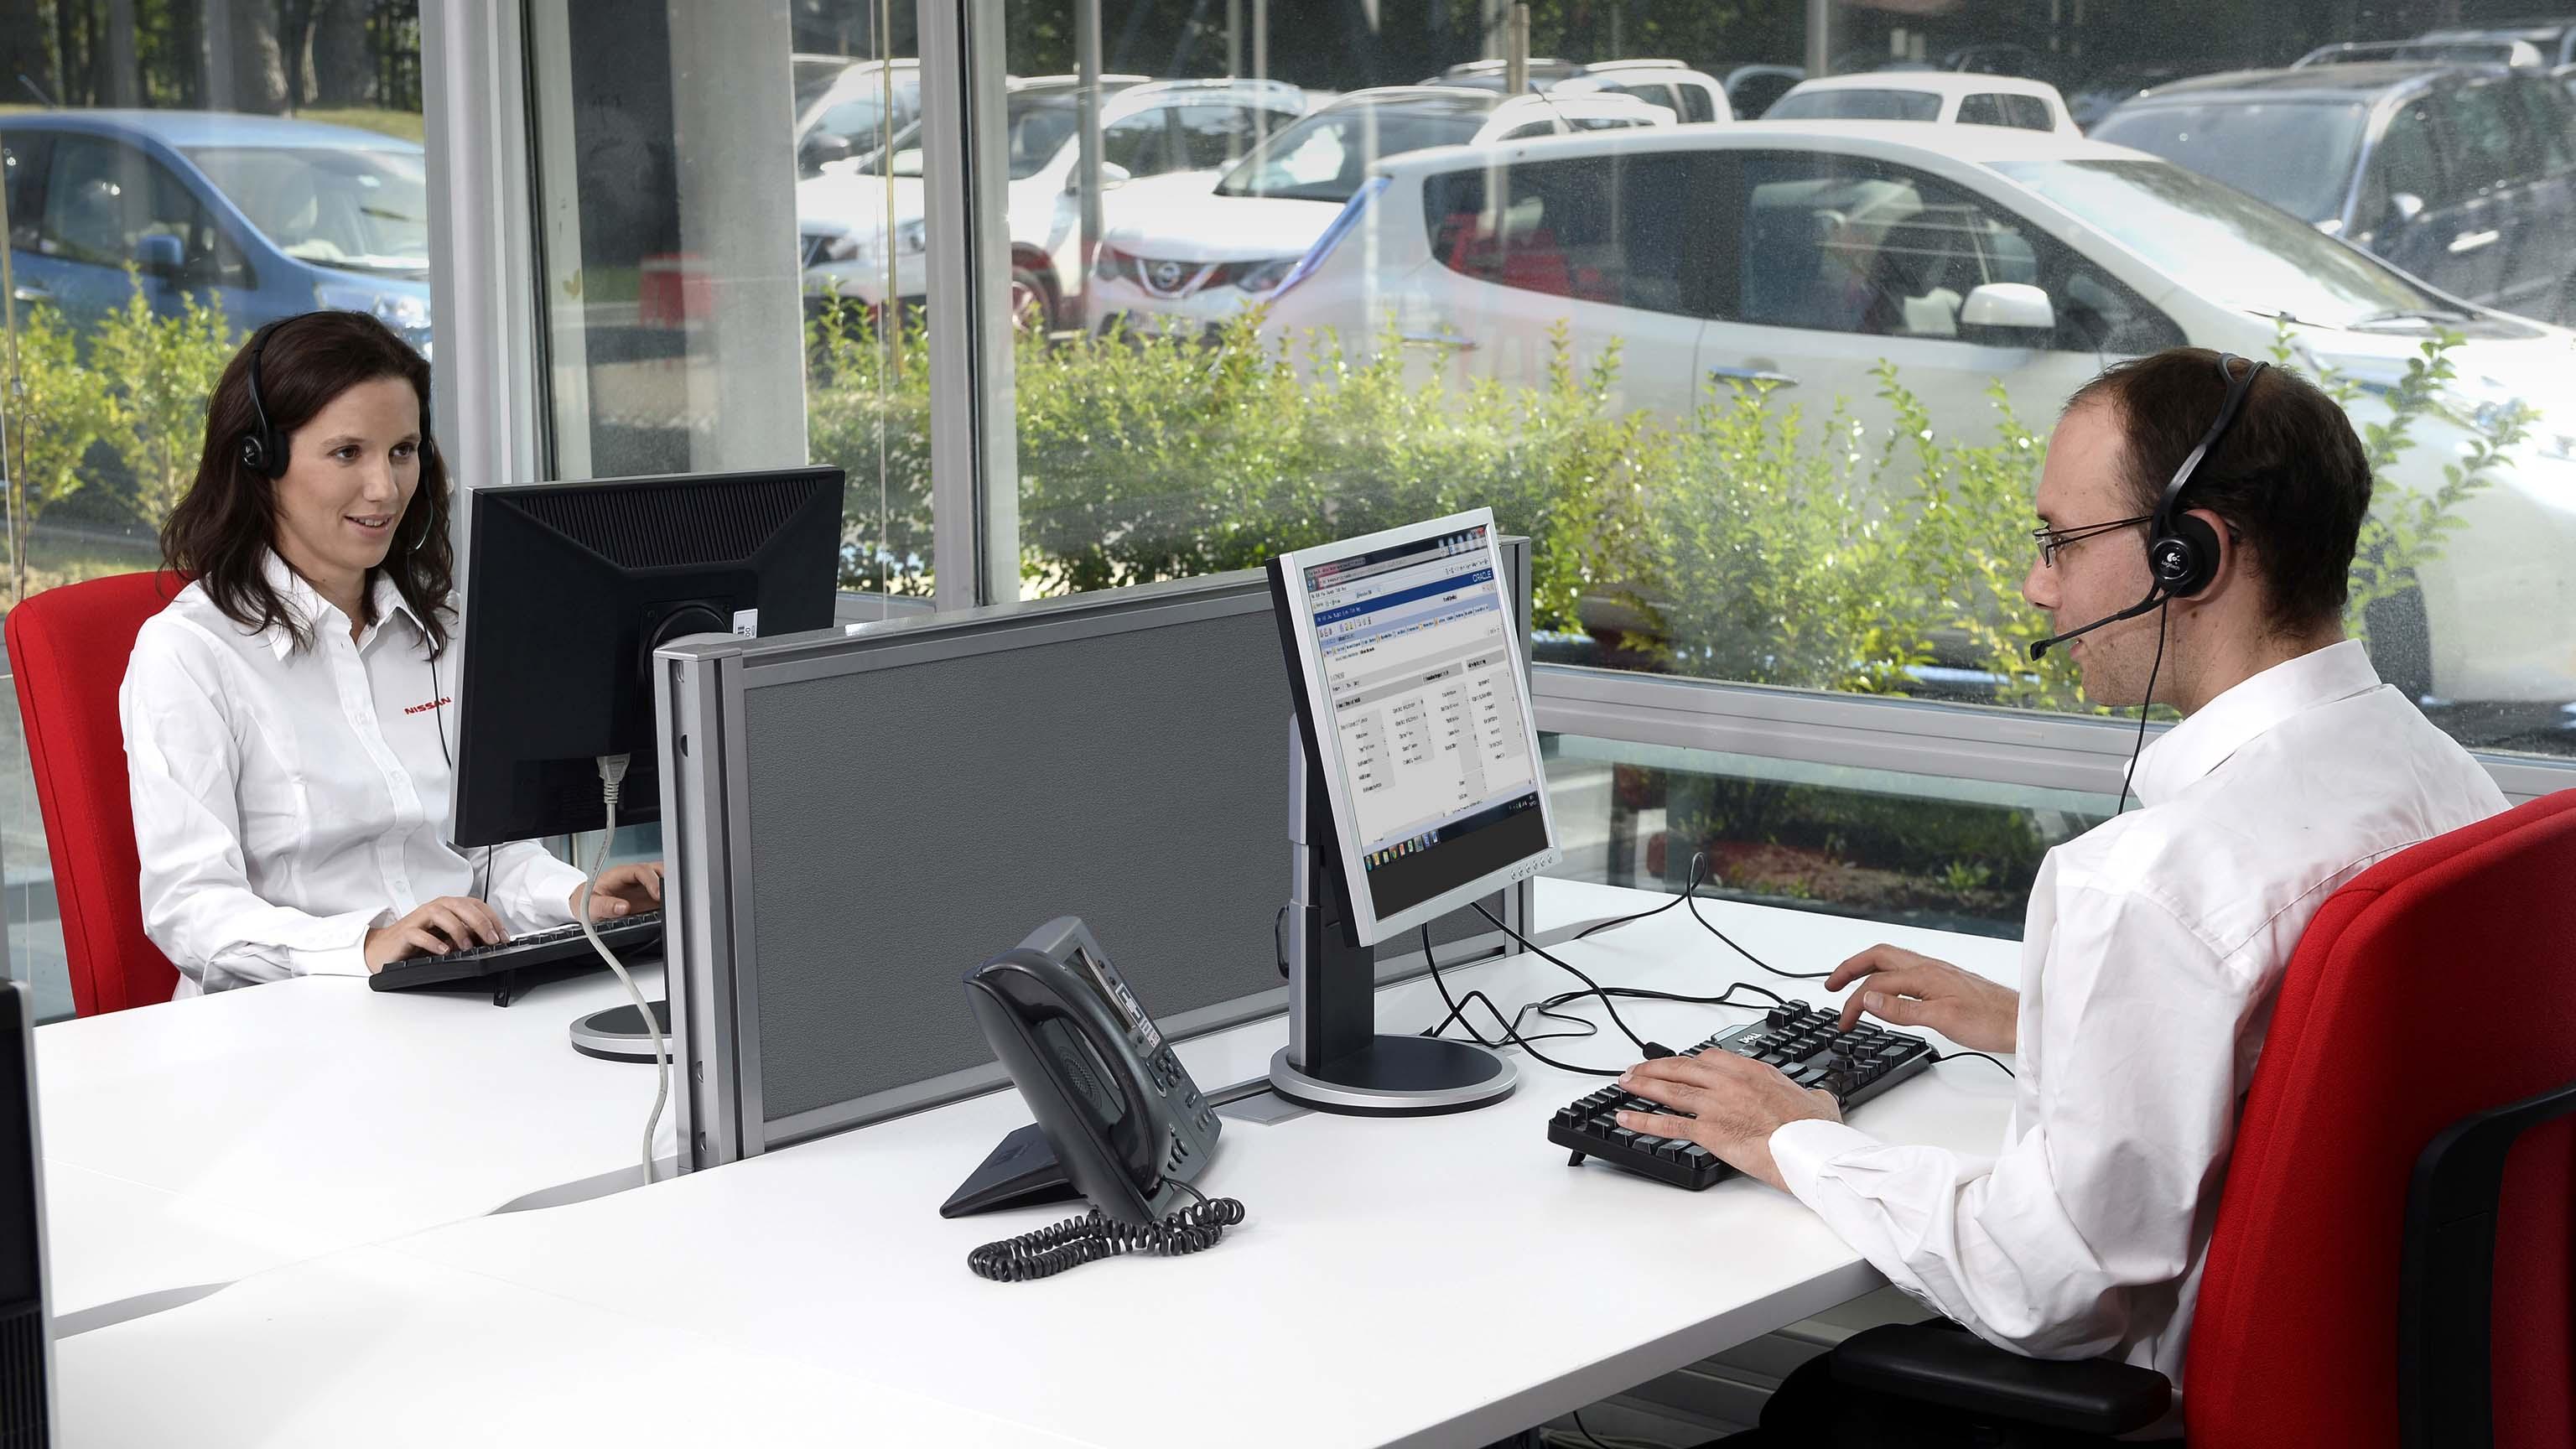 Les travailleurs prioritaires en Nissan bénéficient de l'assistance gratuite pendant la durée du confinement